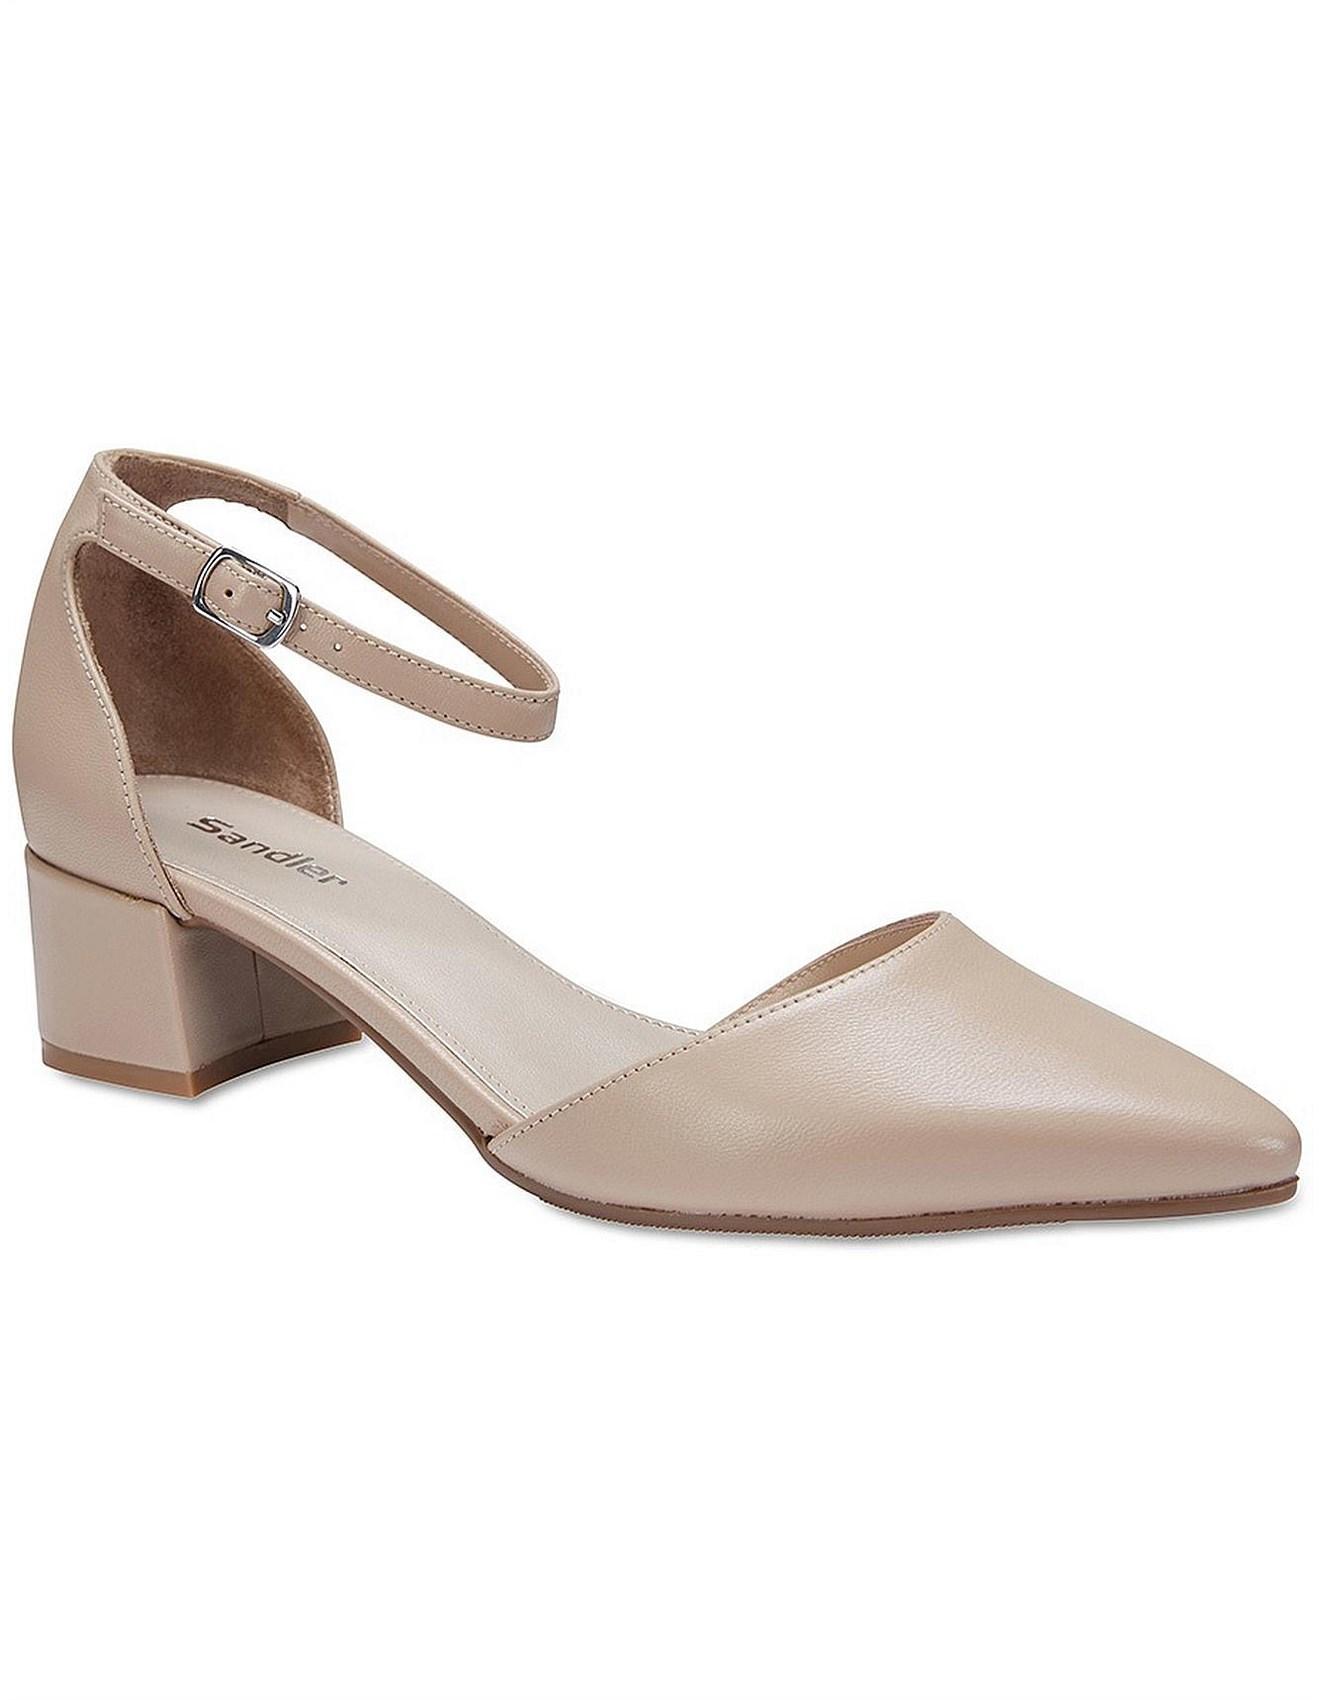 Sandler Shoes \u0026 Boots Online